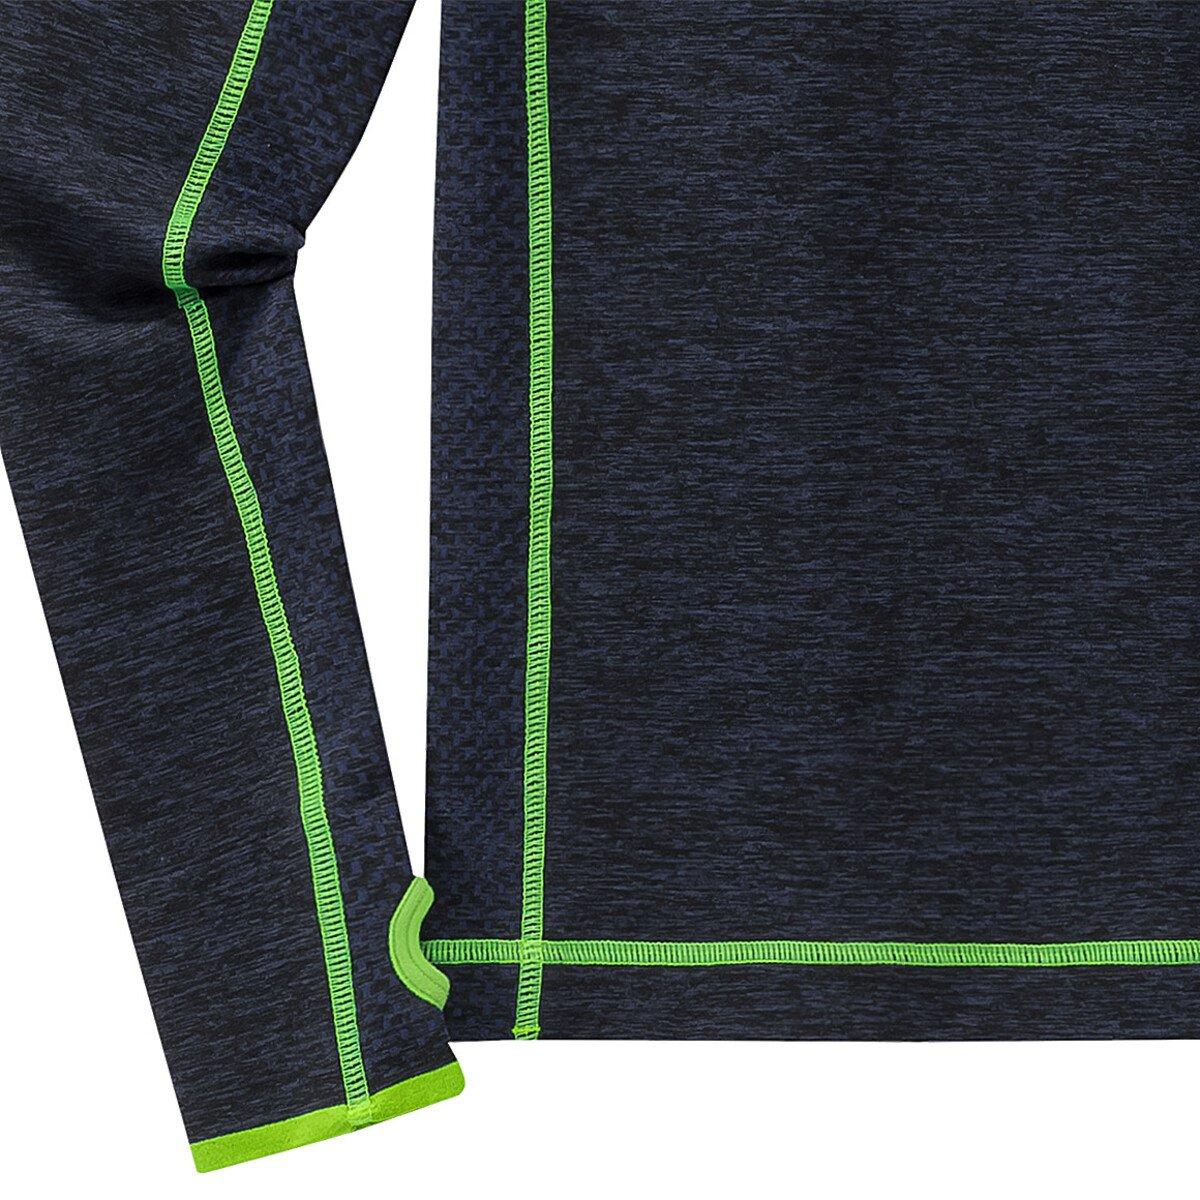 Bild 3 von Jungen Thermoshirt mit Ziernähten